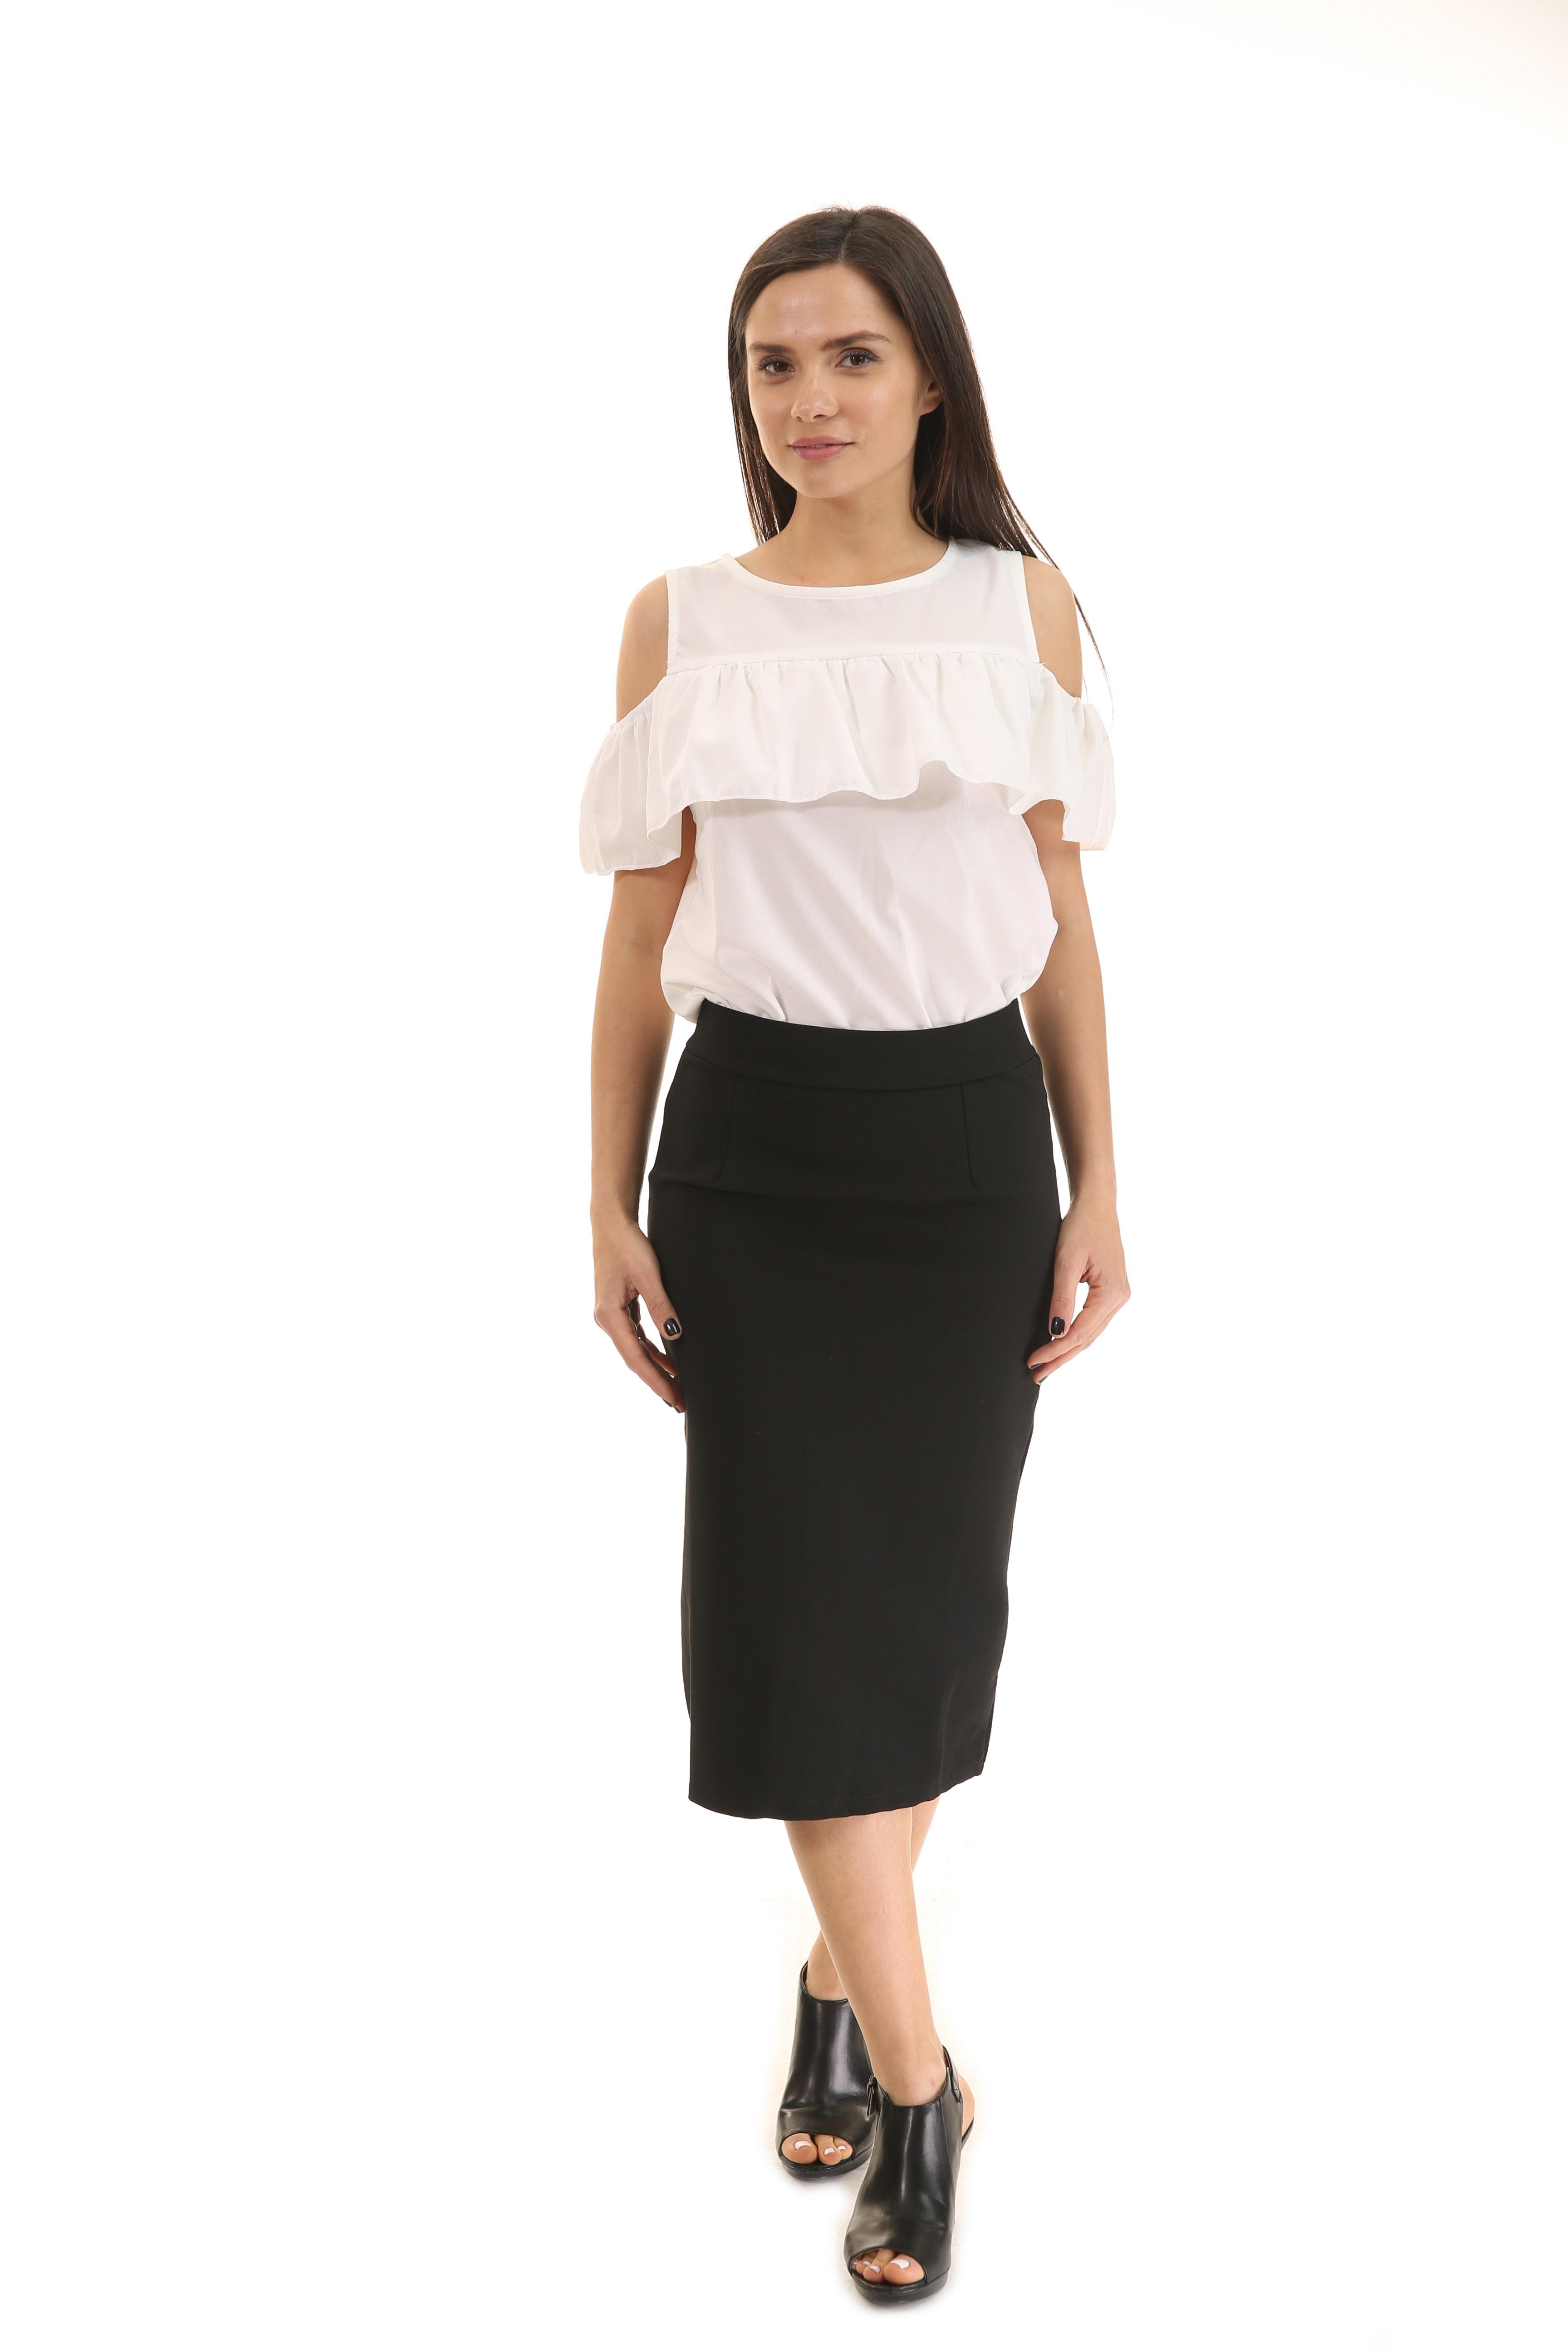 חצאית 39.90 שח, חולצה 49.90 שח, להשיג ברשת SELECT ובאתר www.Select-Fashion.co.il, צלם דמיטרי גרין (2)